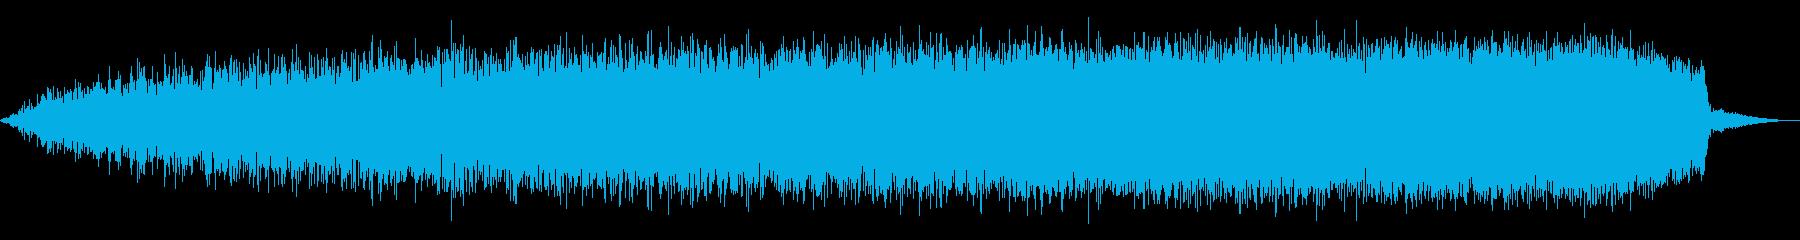 シューッという音EC07_78_2の再生済みの波形